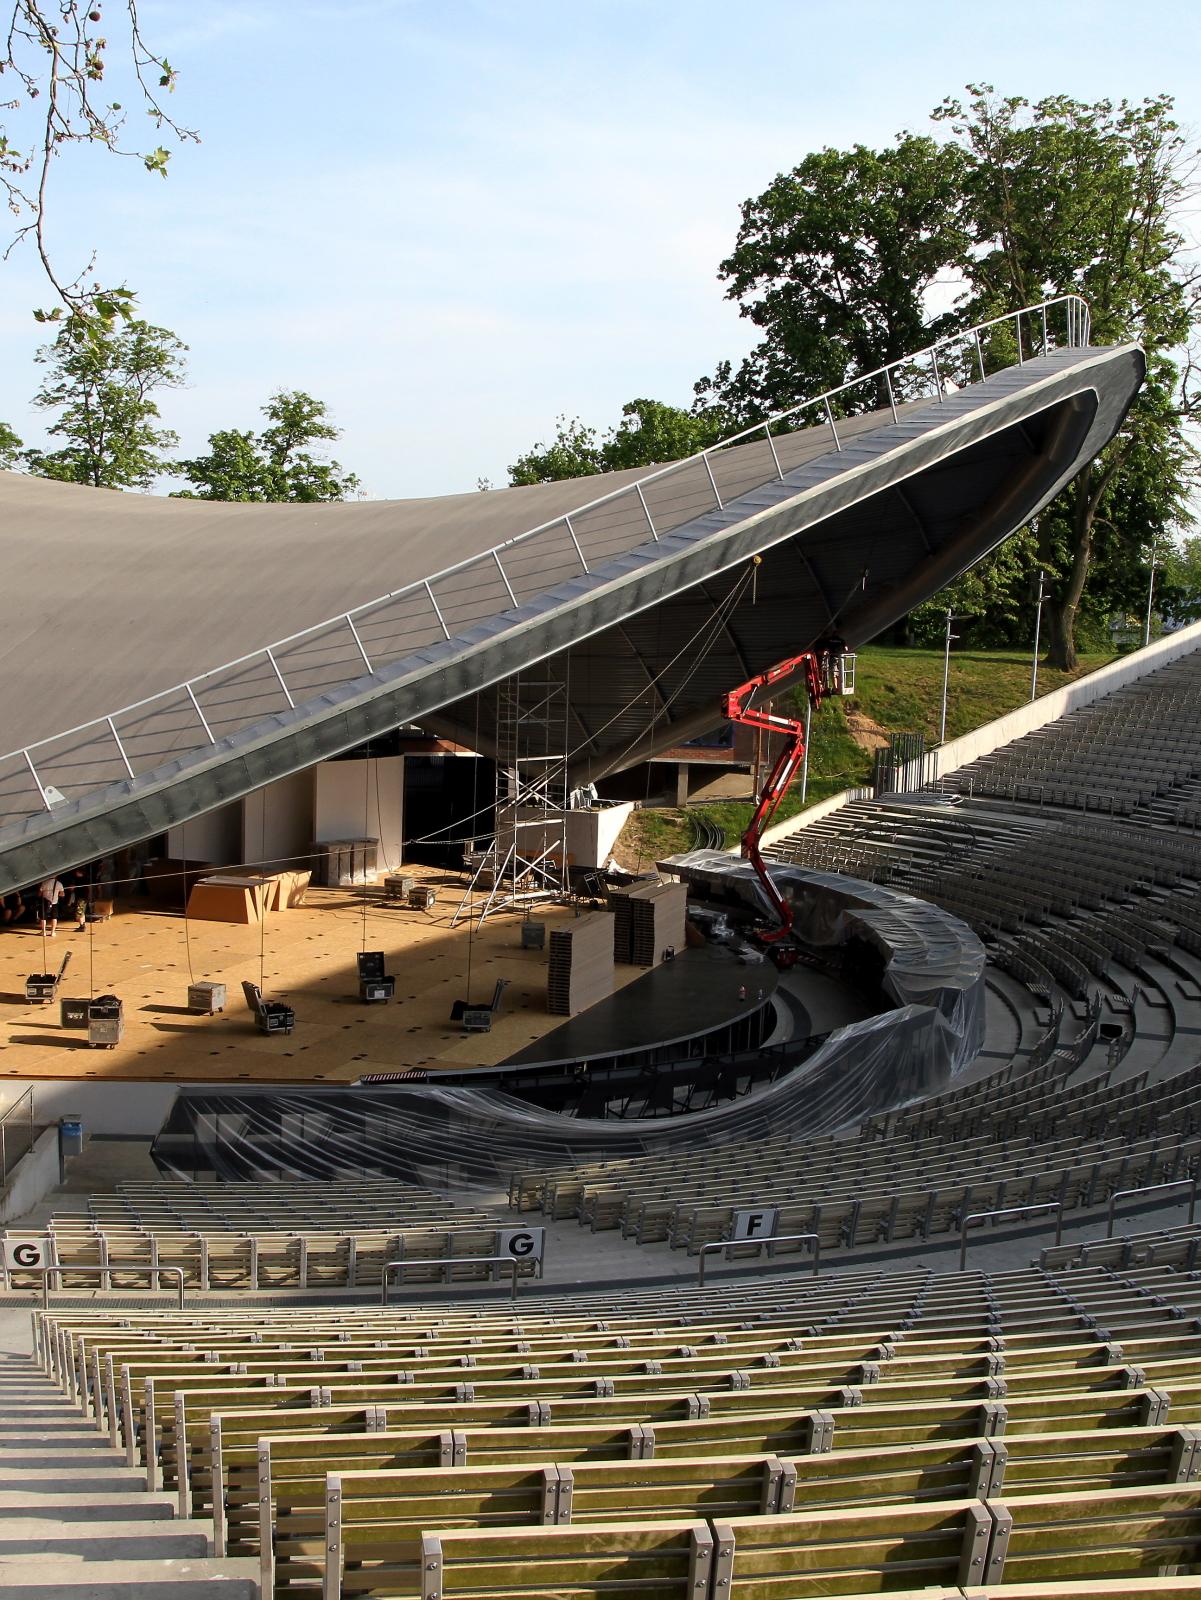 Amfiteatr w Opolu. Miasto Opole wypowiada umowę TVP dotyczącą organizacji 54. Krajowego Festiwalu Piosenki Polskiej w Opolu - poinformował prezydent Opola Arkadiusz Wiśniewski.